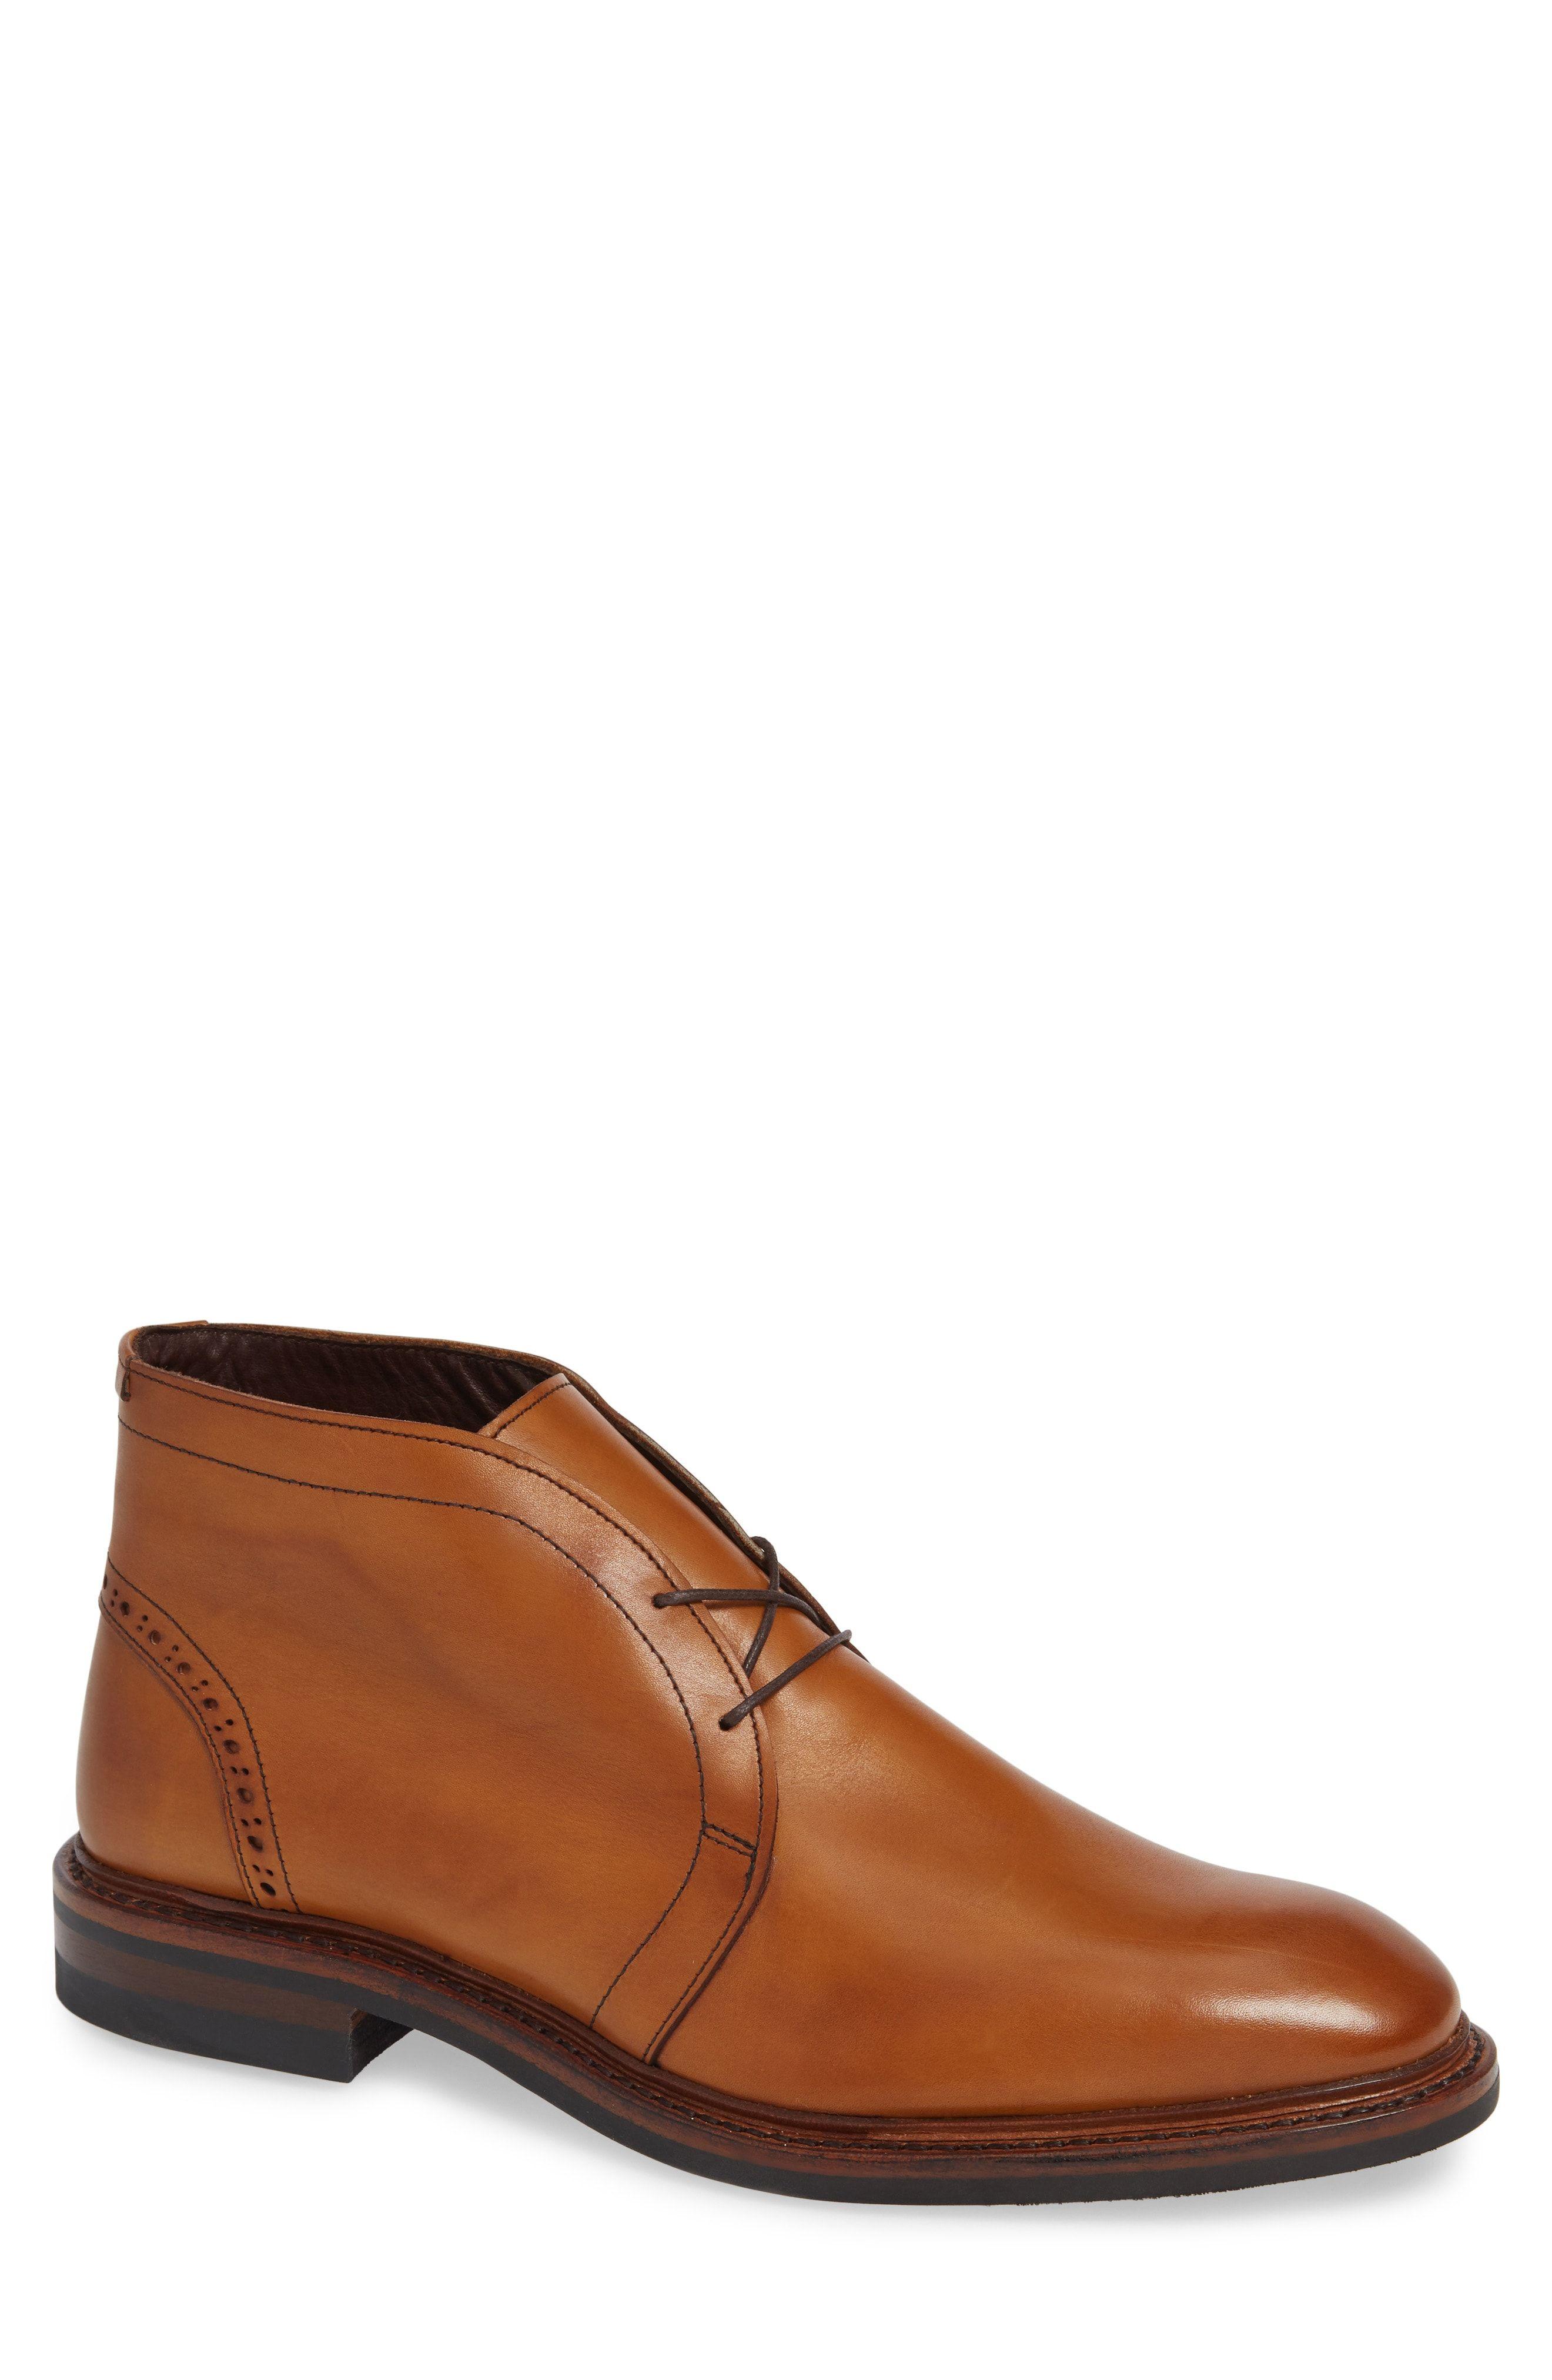 f925a5effe7 ALLEN EDMONDS RENTON CHUKKA BOOT.  allenedmonds  shoes